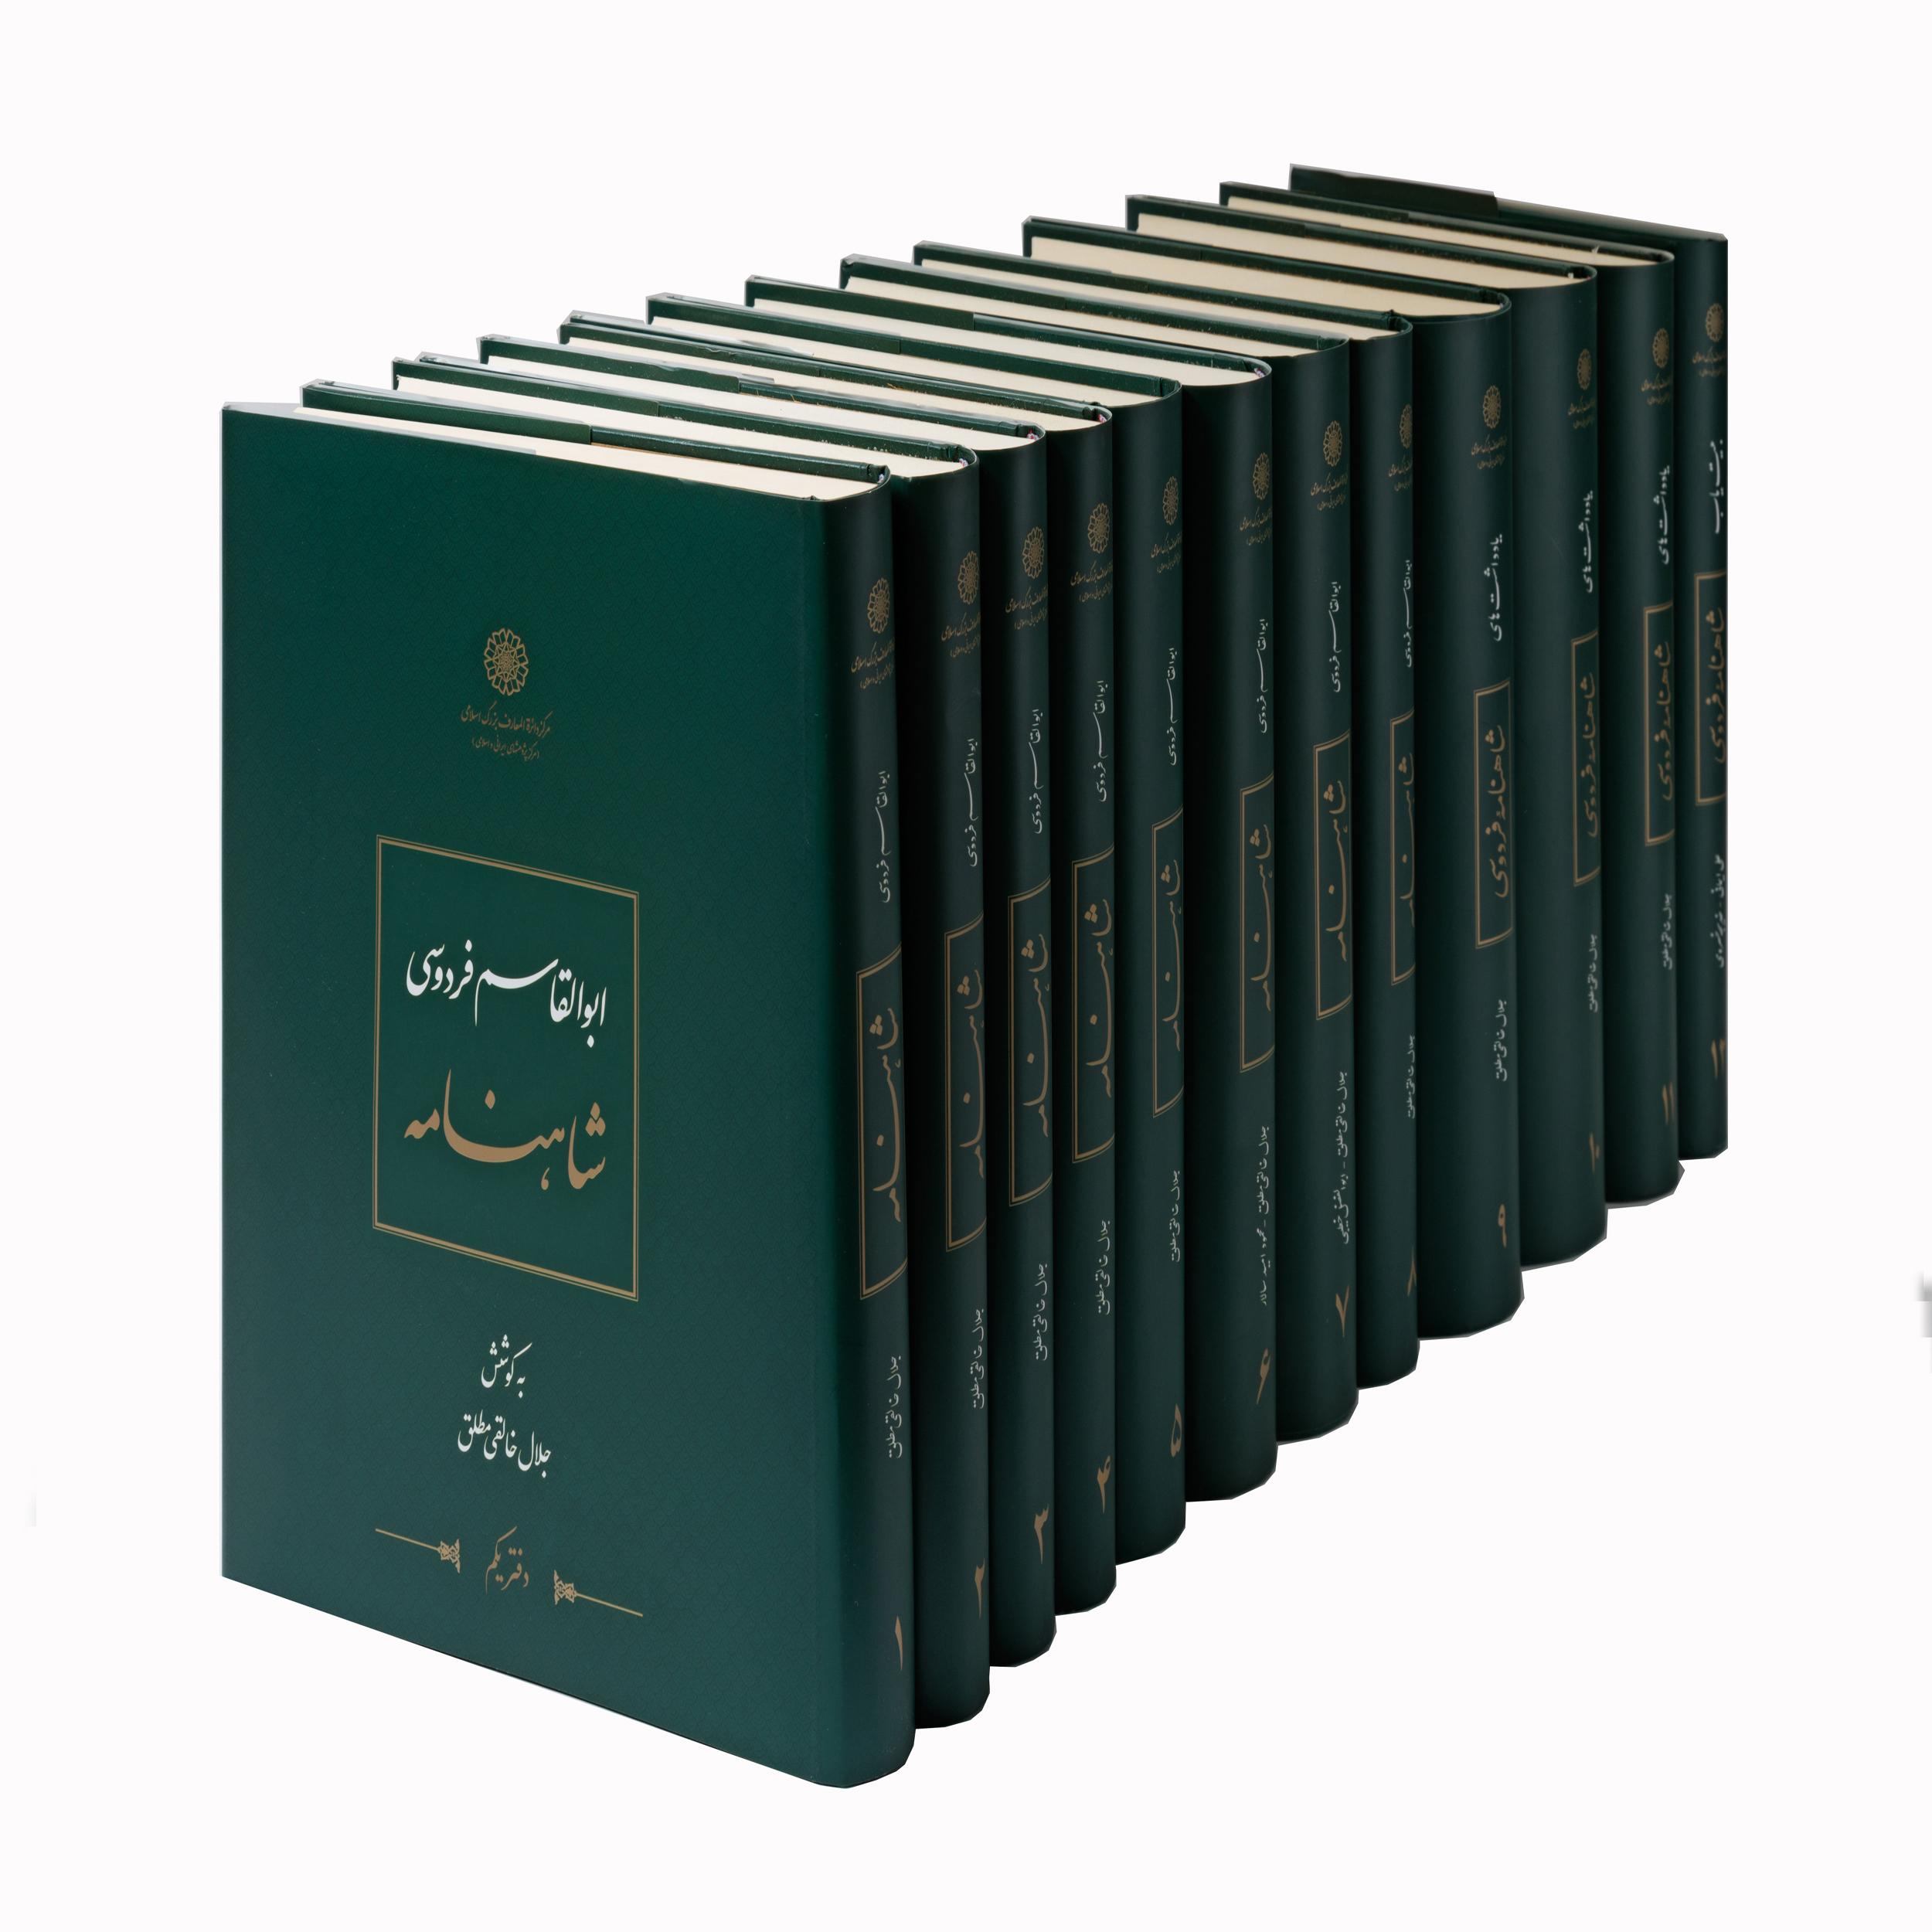 کتاب شاهنامه انتشارات مرکز دائرة المعارف بزرگ اسلامی (12جلد)